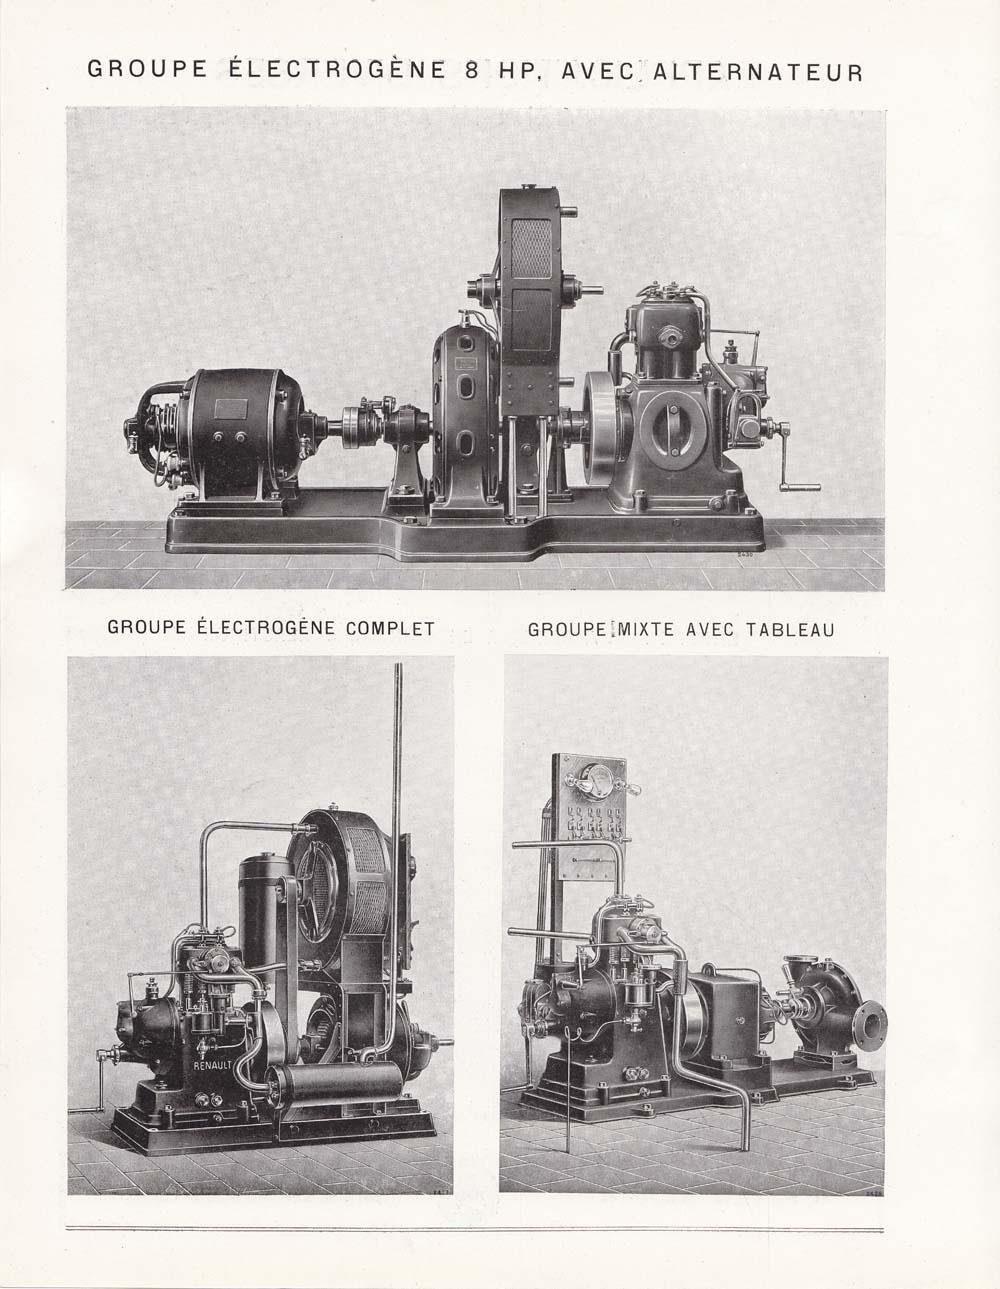 Moteur industriel 8 HP à 2 cylindres © APR Droits réservés